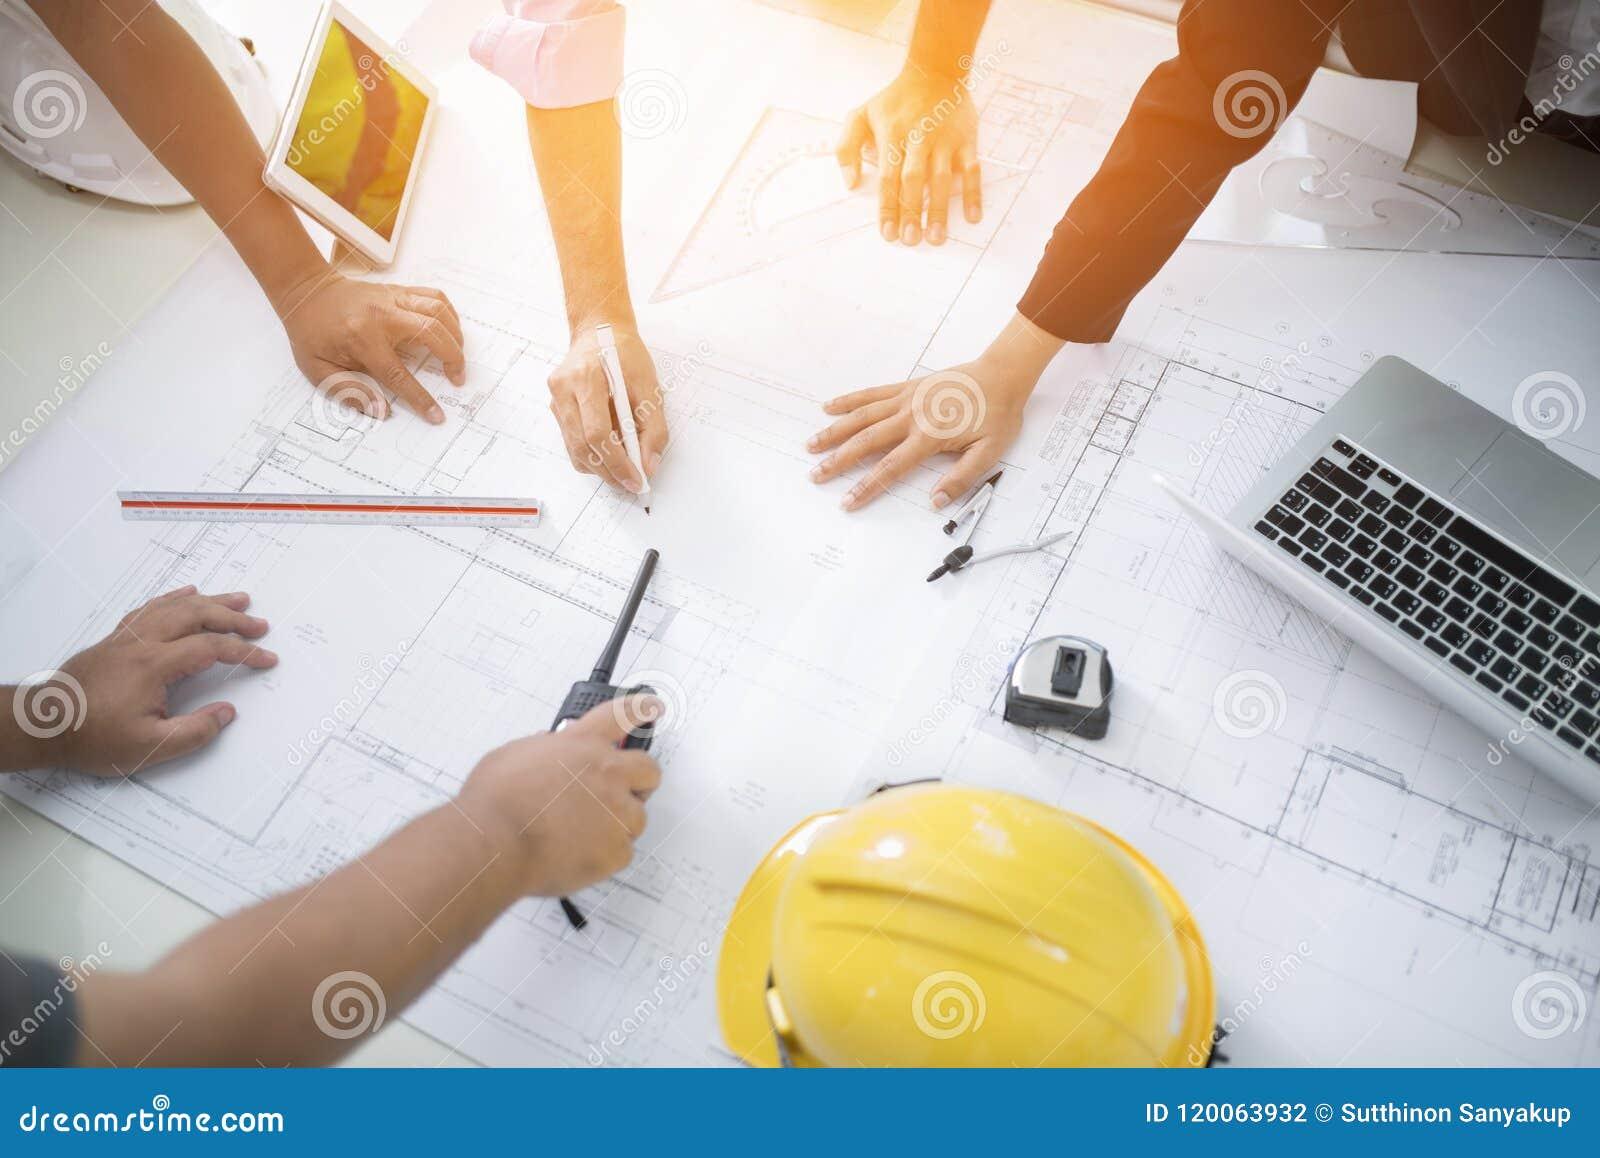 Imagem da reunião do coordenador para o projeto arquitetónico trabalhar com sócio e projetar ferramentas no vintage do local de t